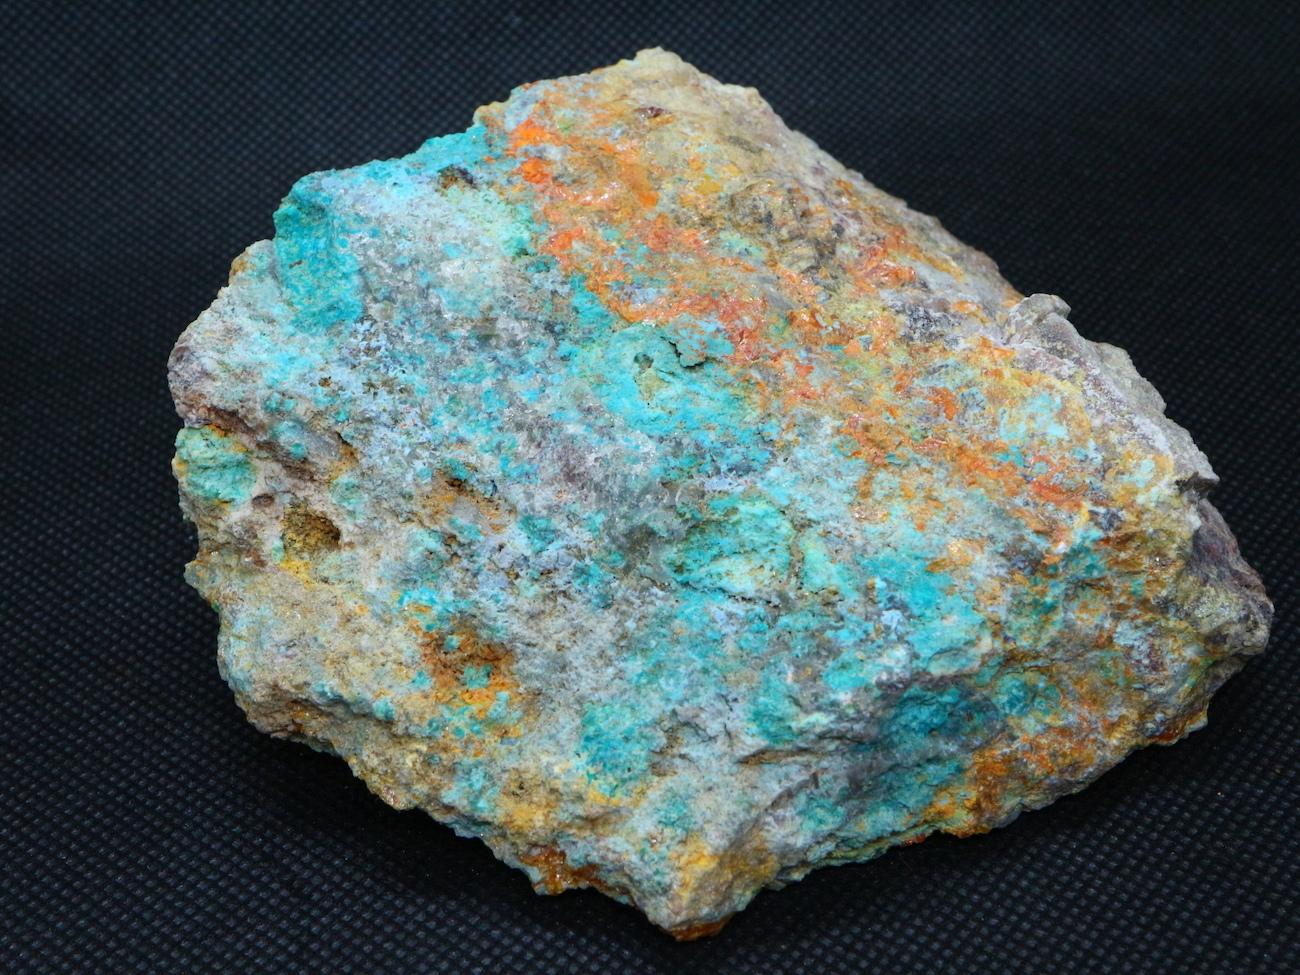 アリゾナ産 バナジン鉛鉱 クリソコラ モリブデン鉛鉱406g  VND003  鉱物 天然石 パワーストーン 原石